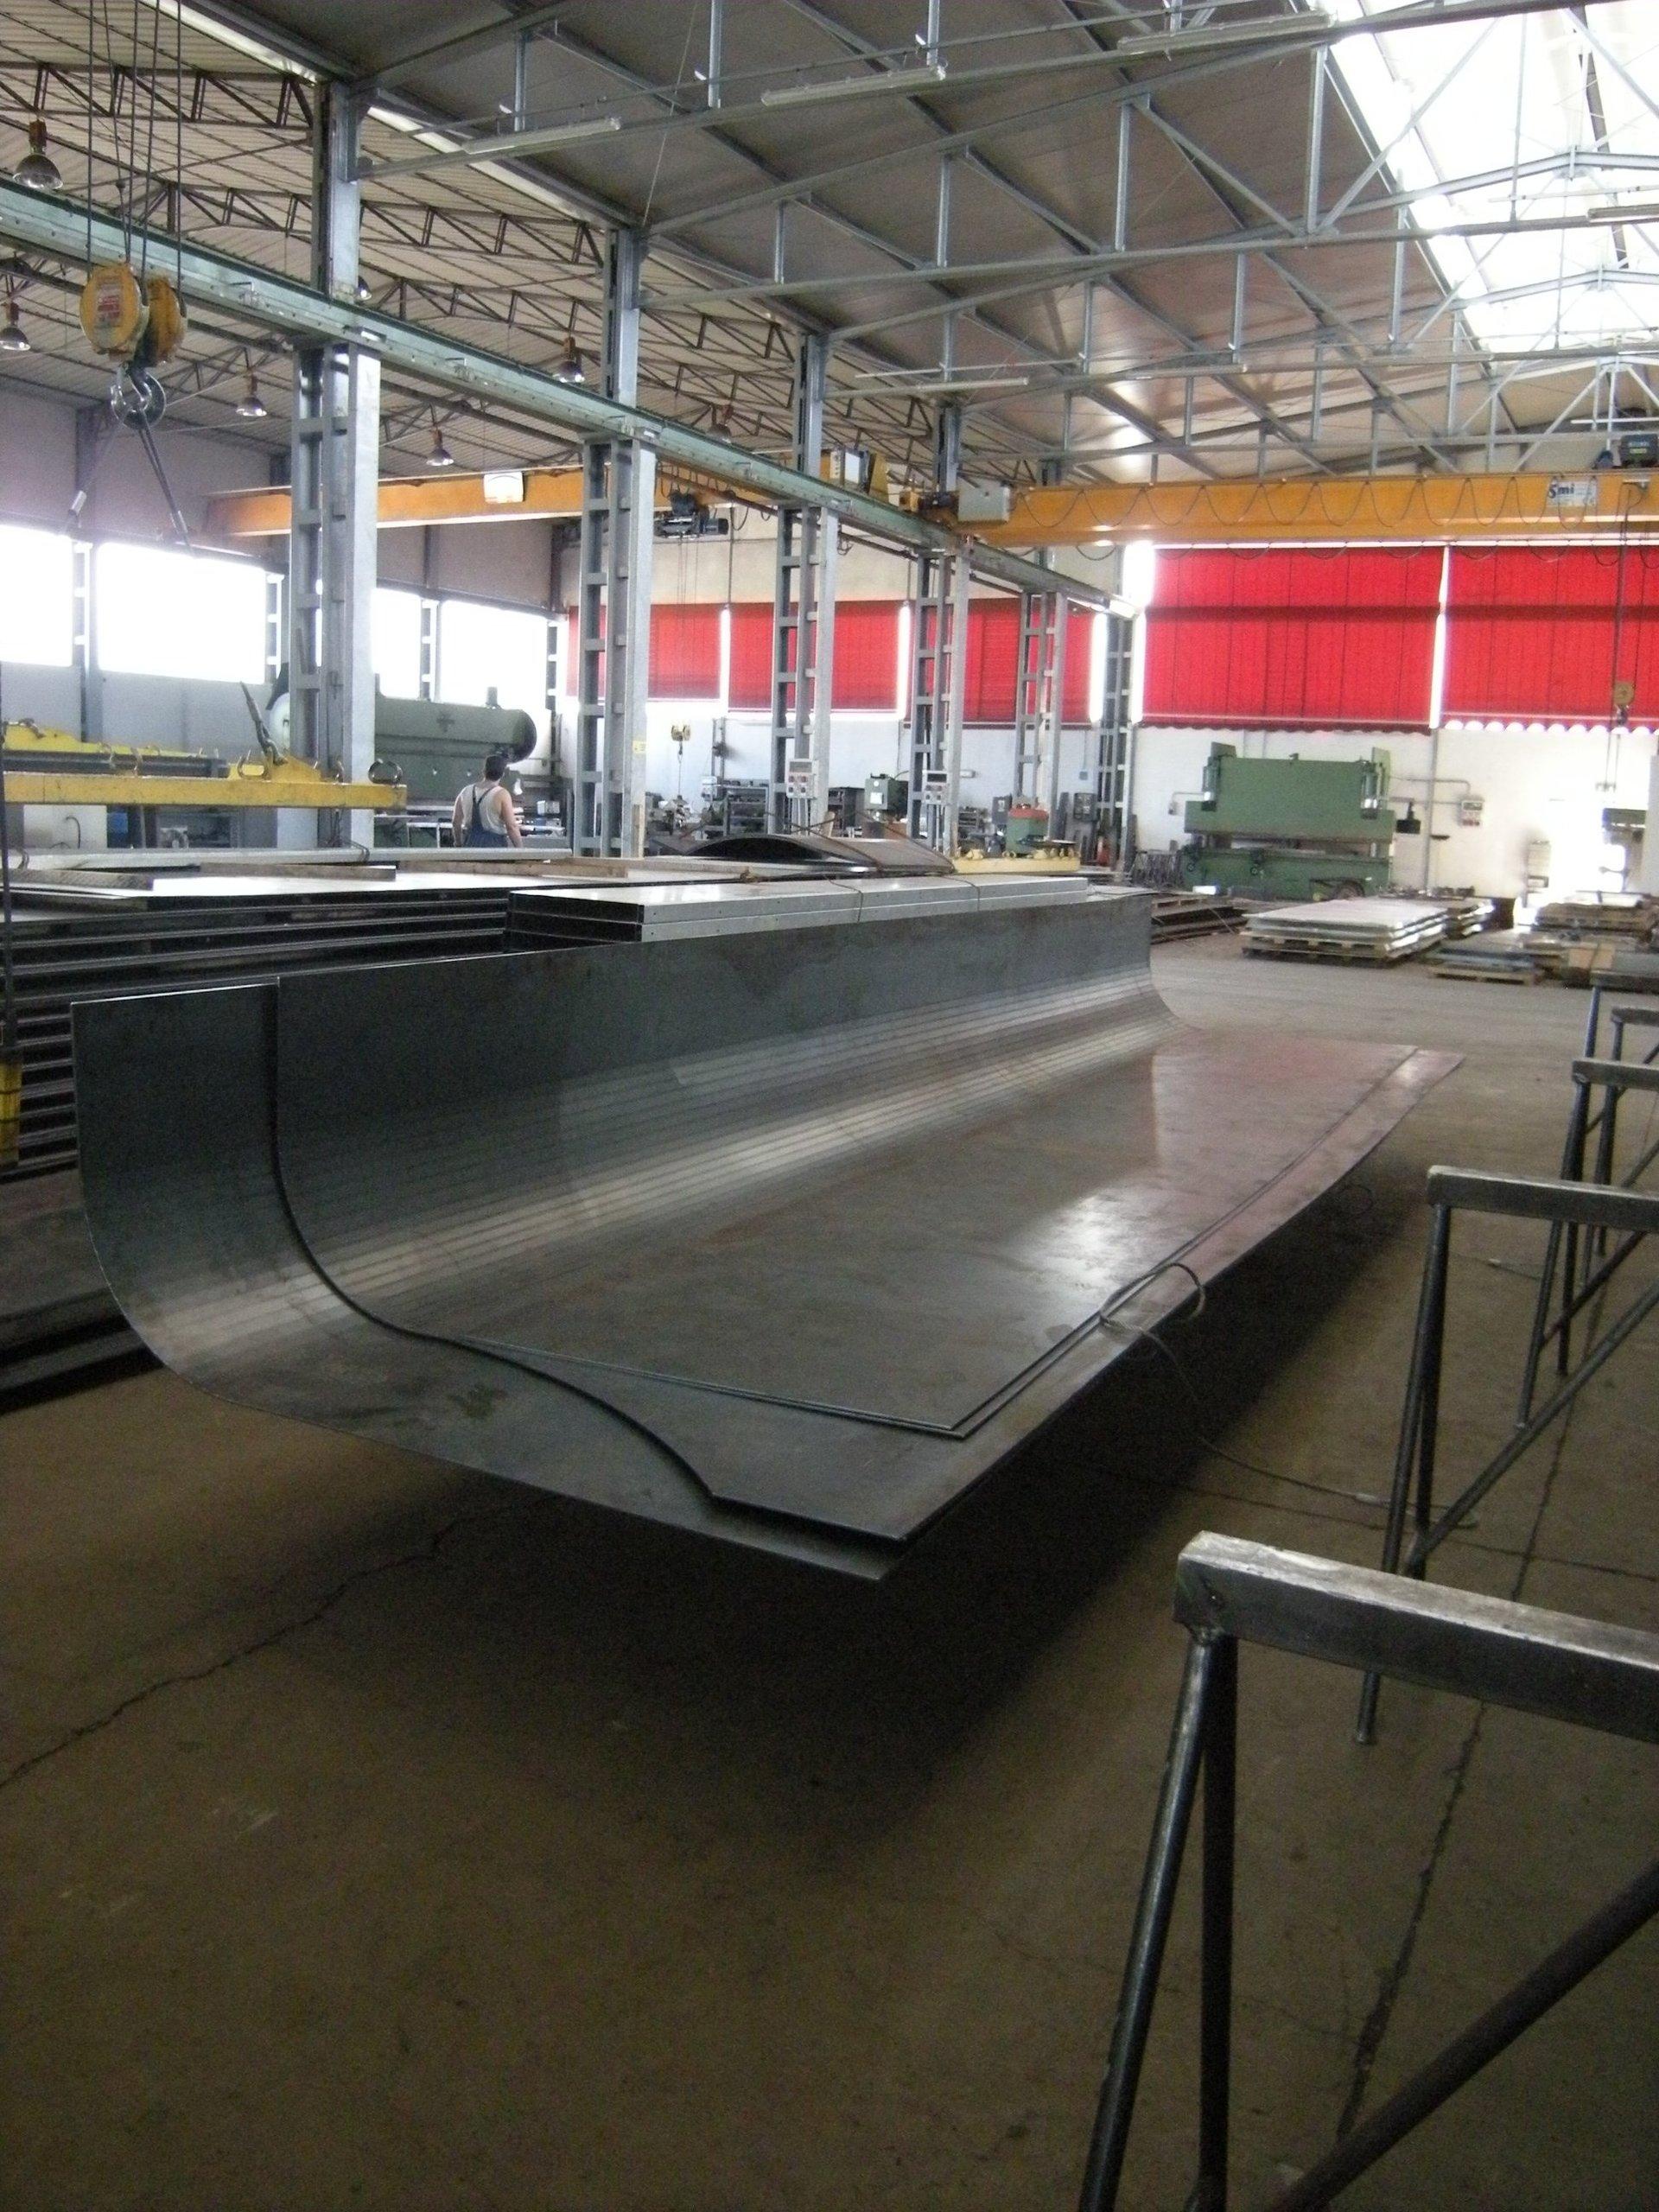 lavorazione di un foglio metallico